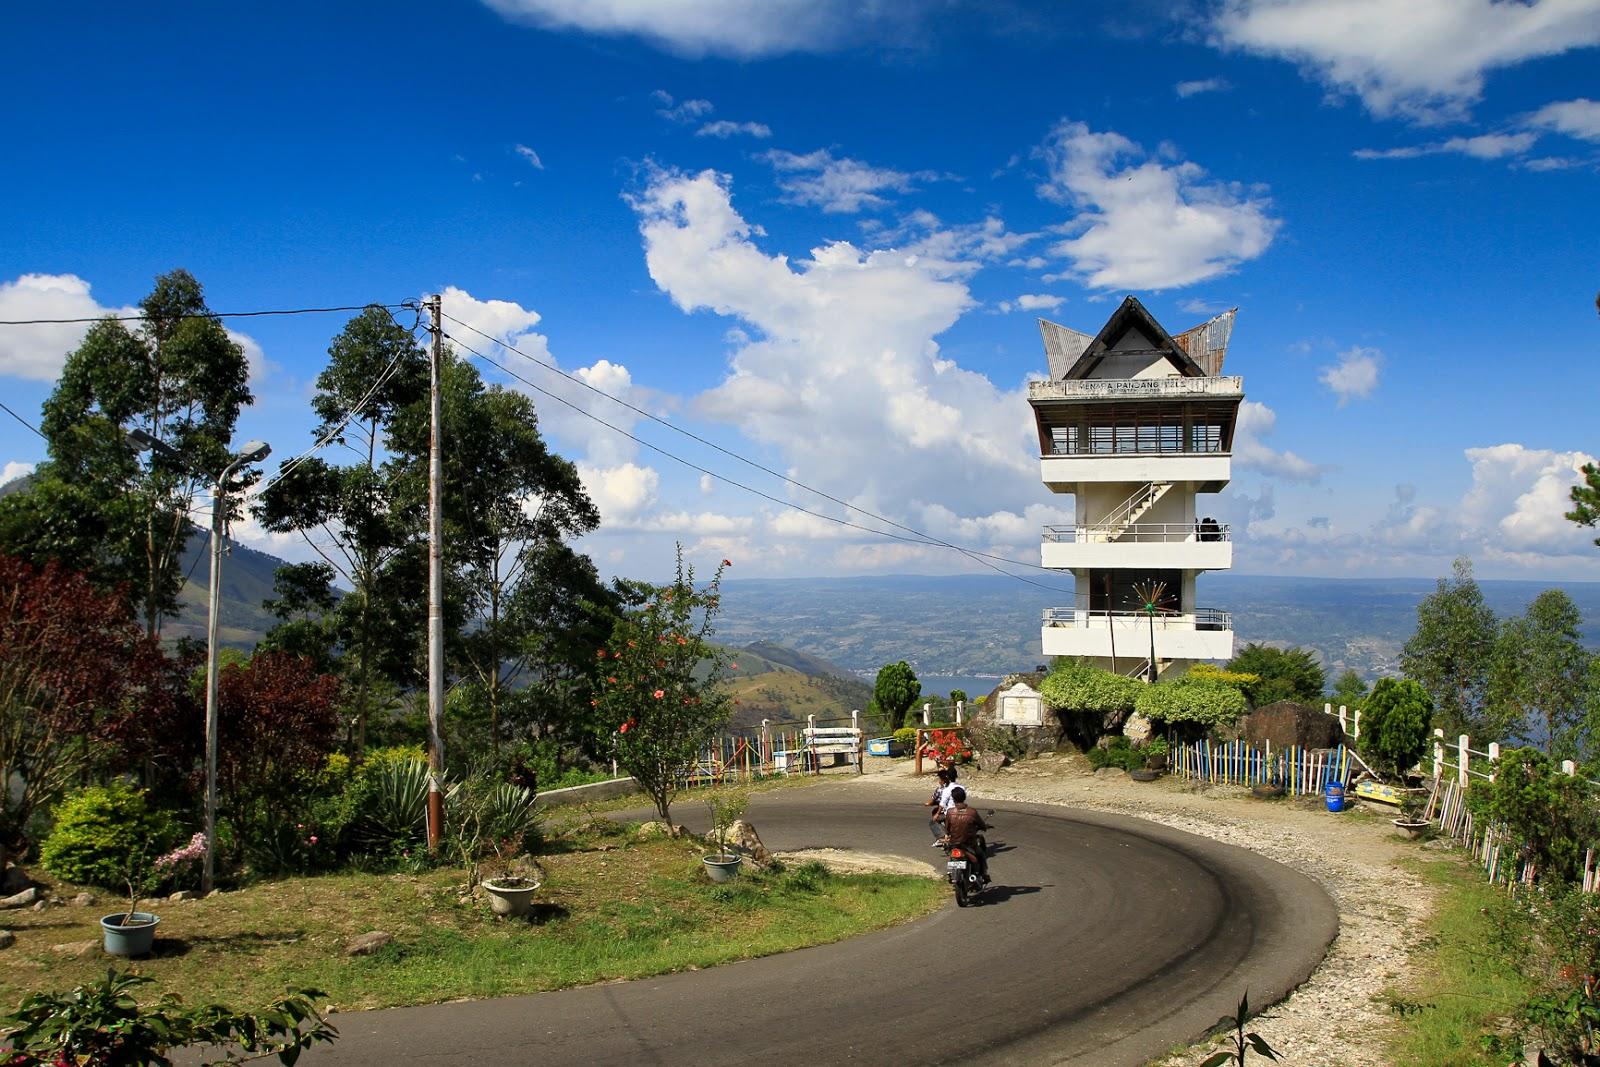 Inilah 17 Lokasi Wisata Tanah Karo Sumatera Utara Yang Wajib Untuk